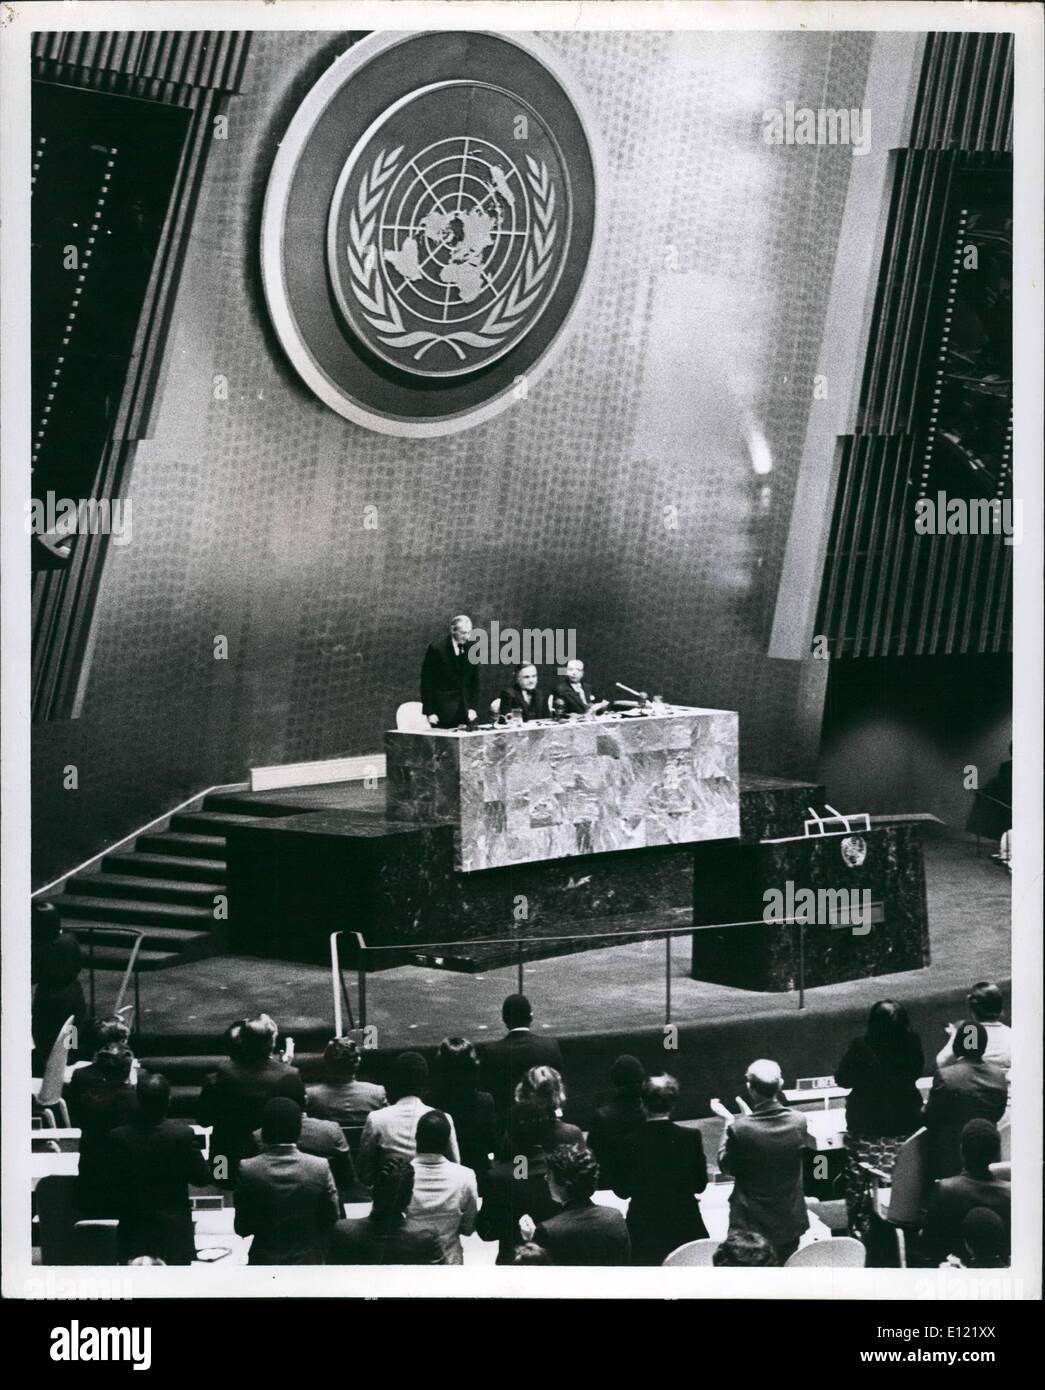 Le 12 décembre 1981 - L'Organisation des Nations Unies, New York. L'Assemblée générale nomme par acclamation Javier Perez de Cuellar comme cinquième secrétaire général pour un mandat de cinq ans. O.P.S:- S.G. sortant Kurt Waldheim, reçoit une ovation de l'Assemblée générale. Photo Stock